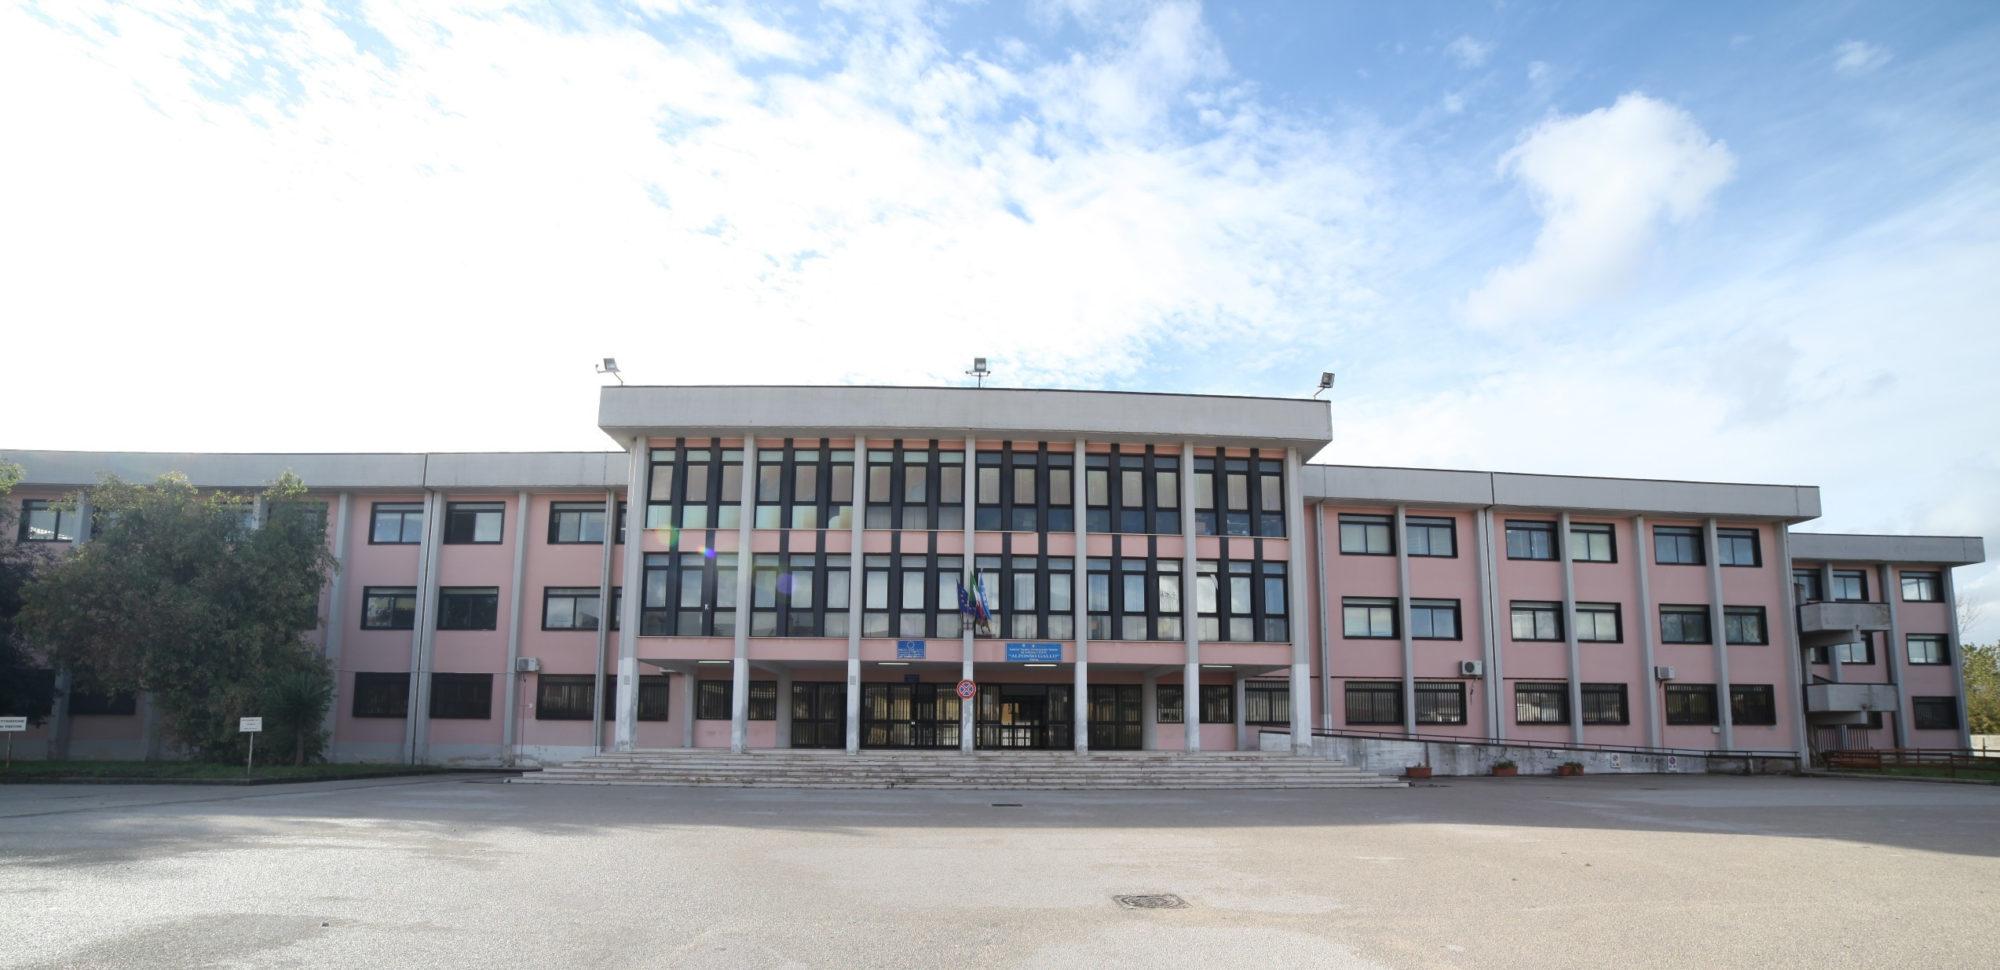 Gage Rr Spreadsheet And Benvenuti Istituto Tecnico